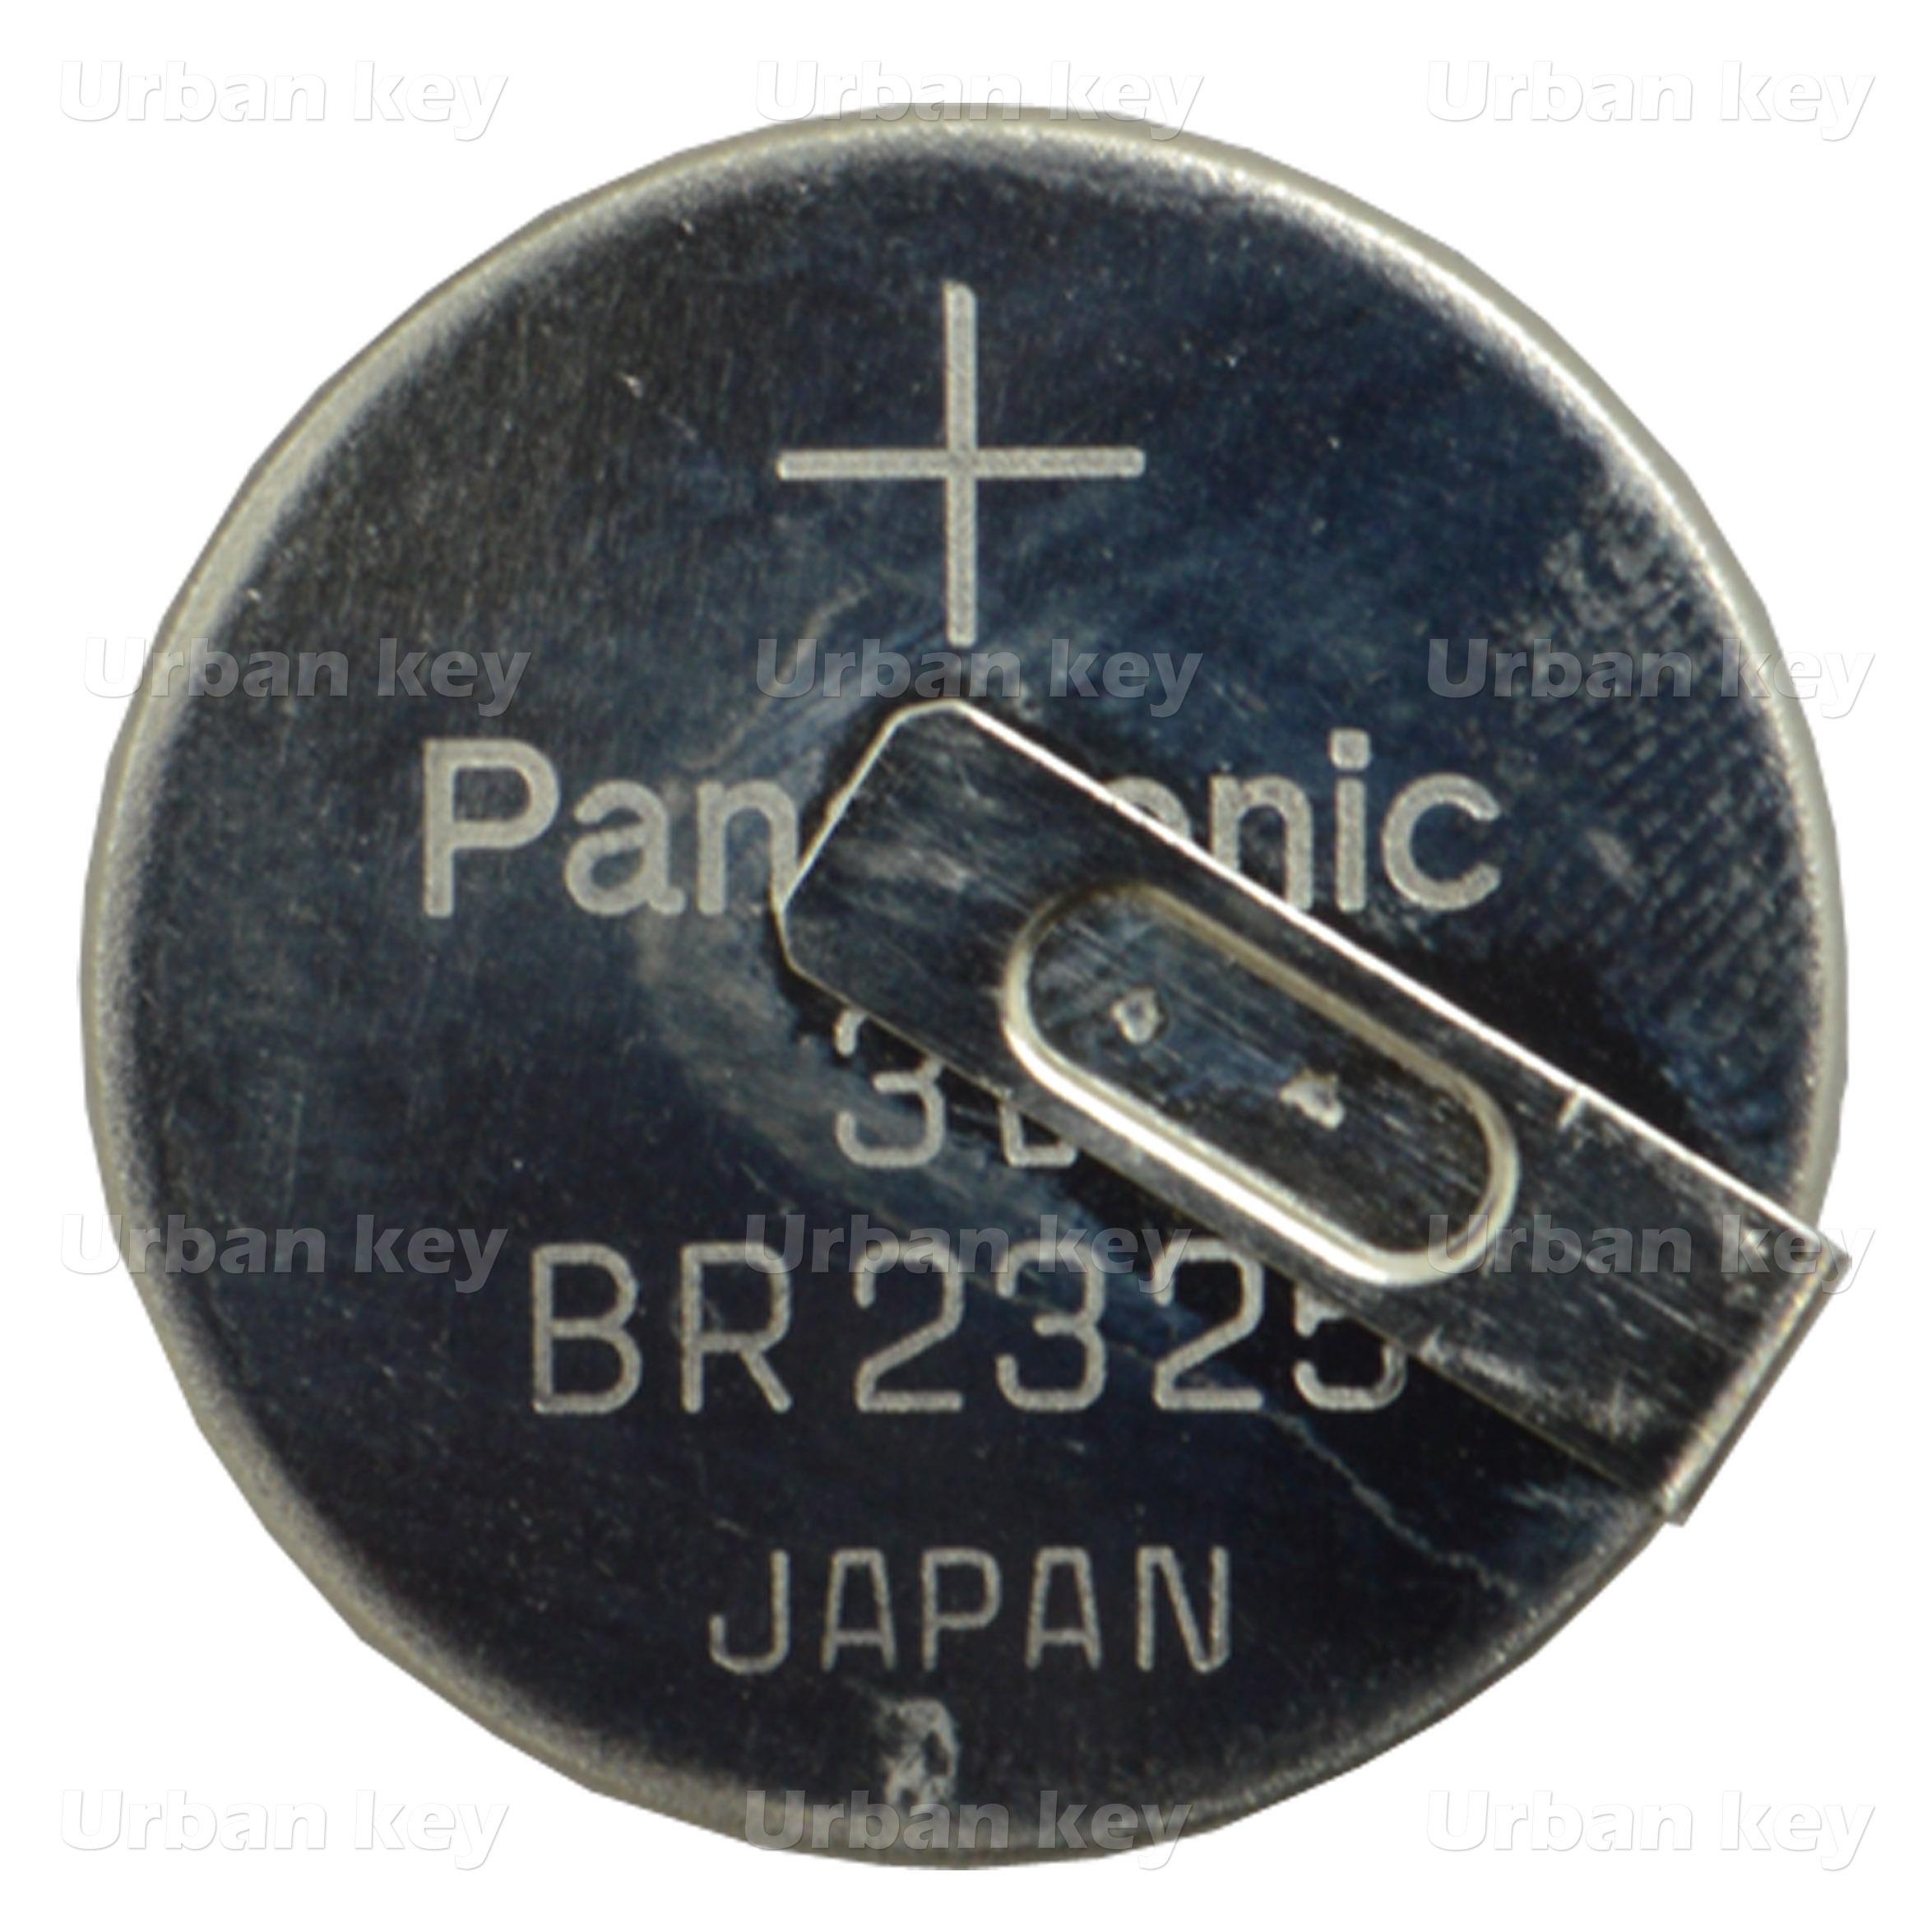 BATERIA RECARREGAVEL BR-2325